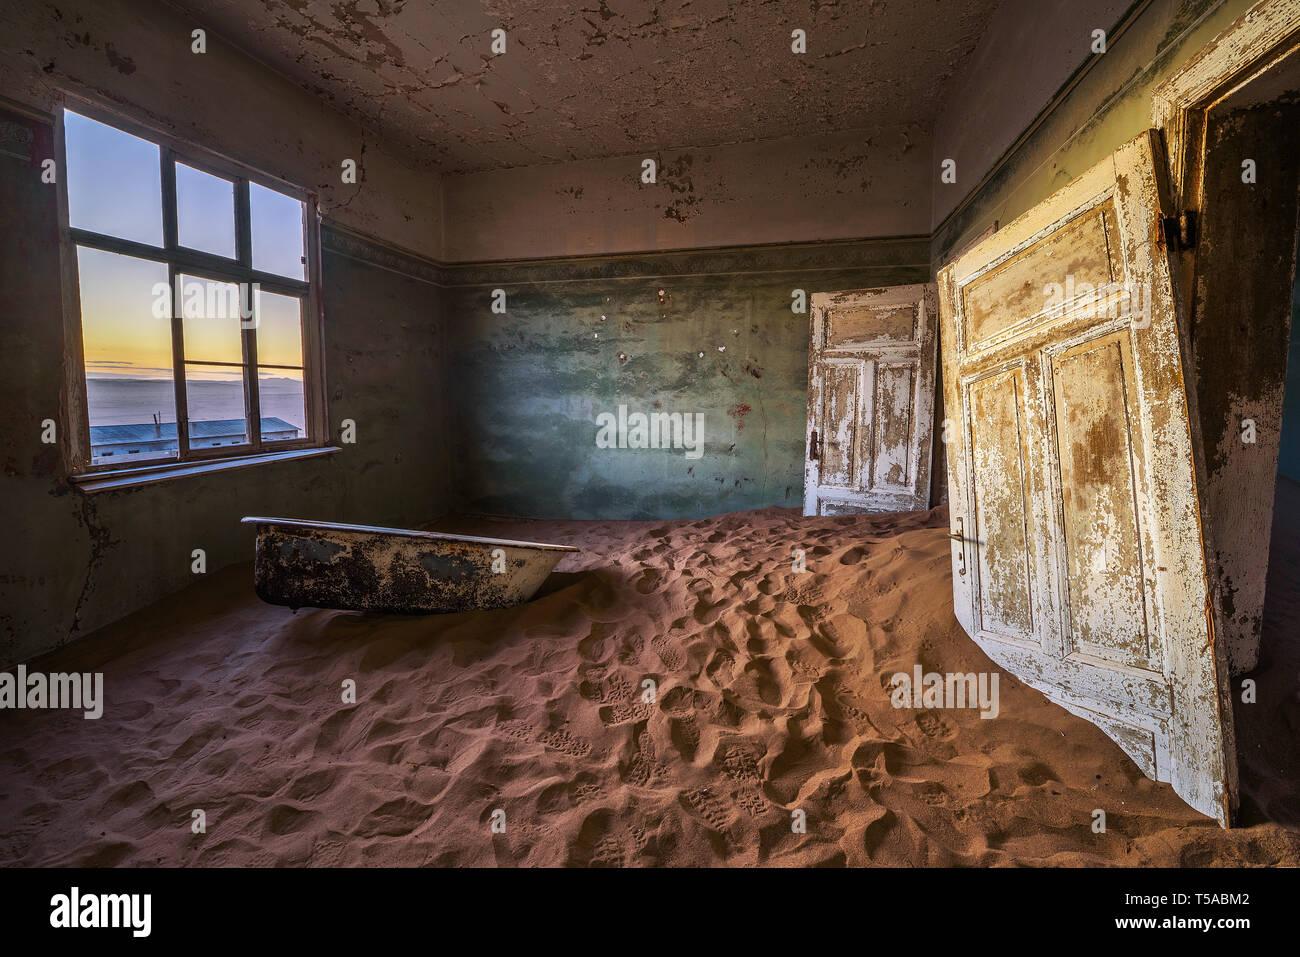 Ruines de la ville minière Kolmanskop dans le désert du Namib près de Luderitz en Namibie Banque D'Images